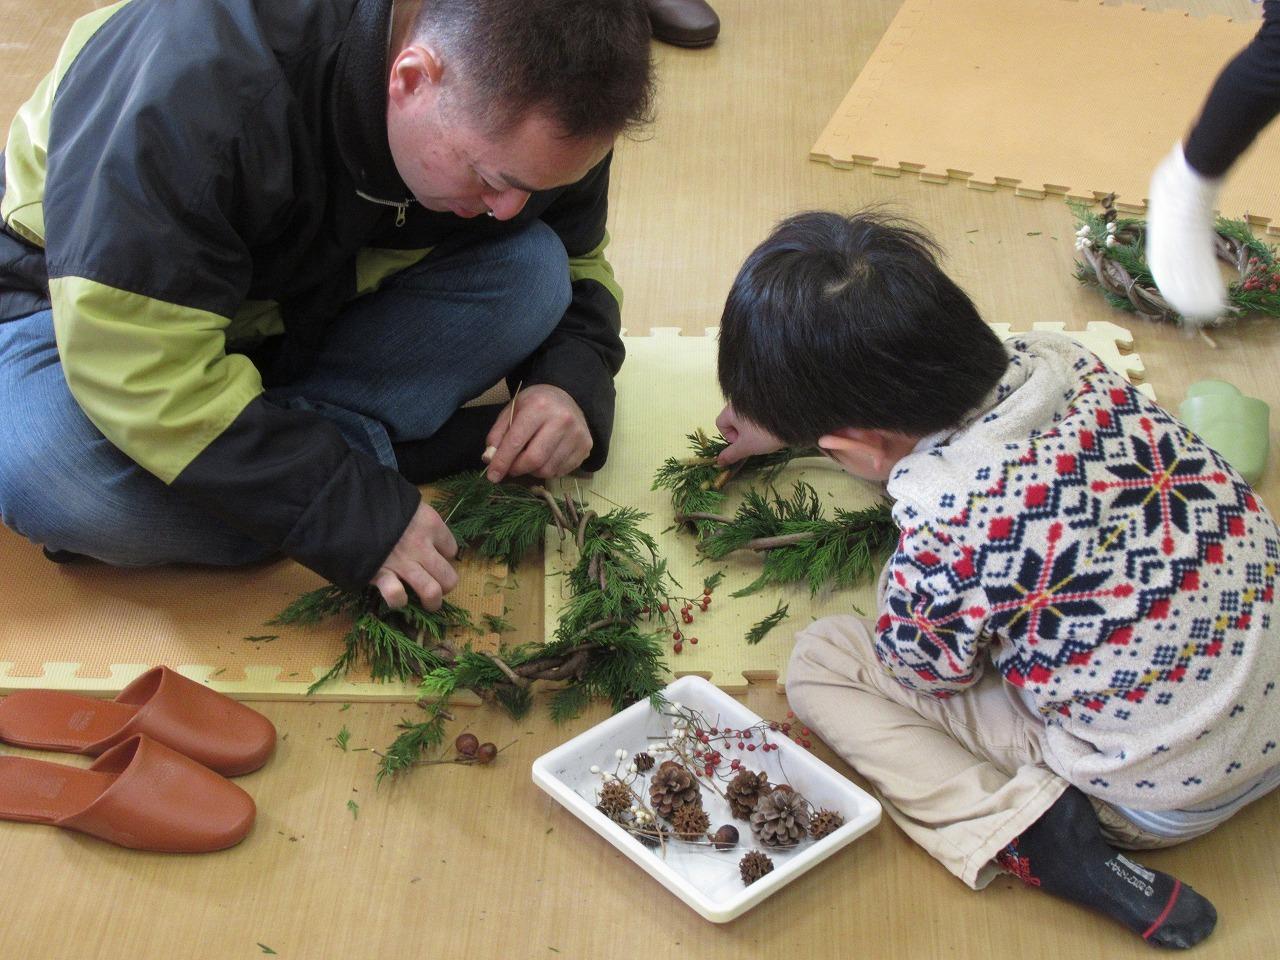 自然教室「自然の素材でクリスマスリースをつくろう」_f0361087_11542549.jpg